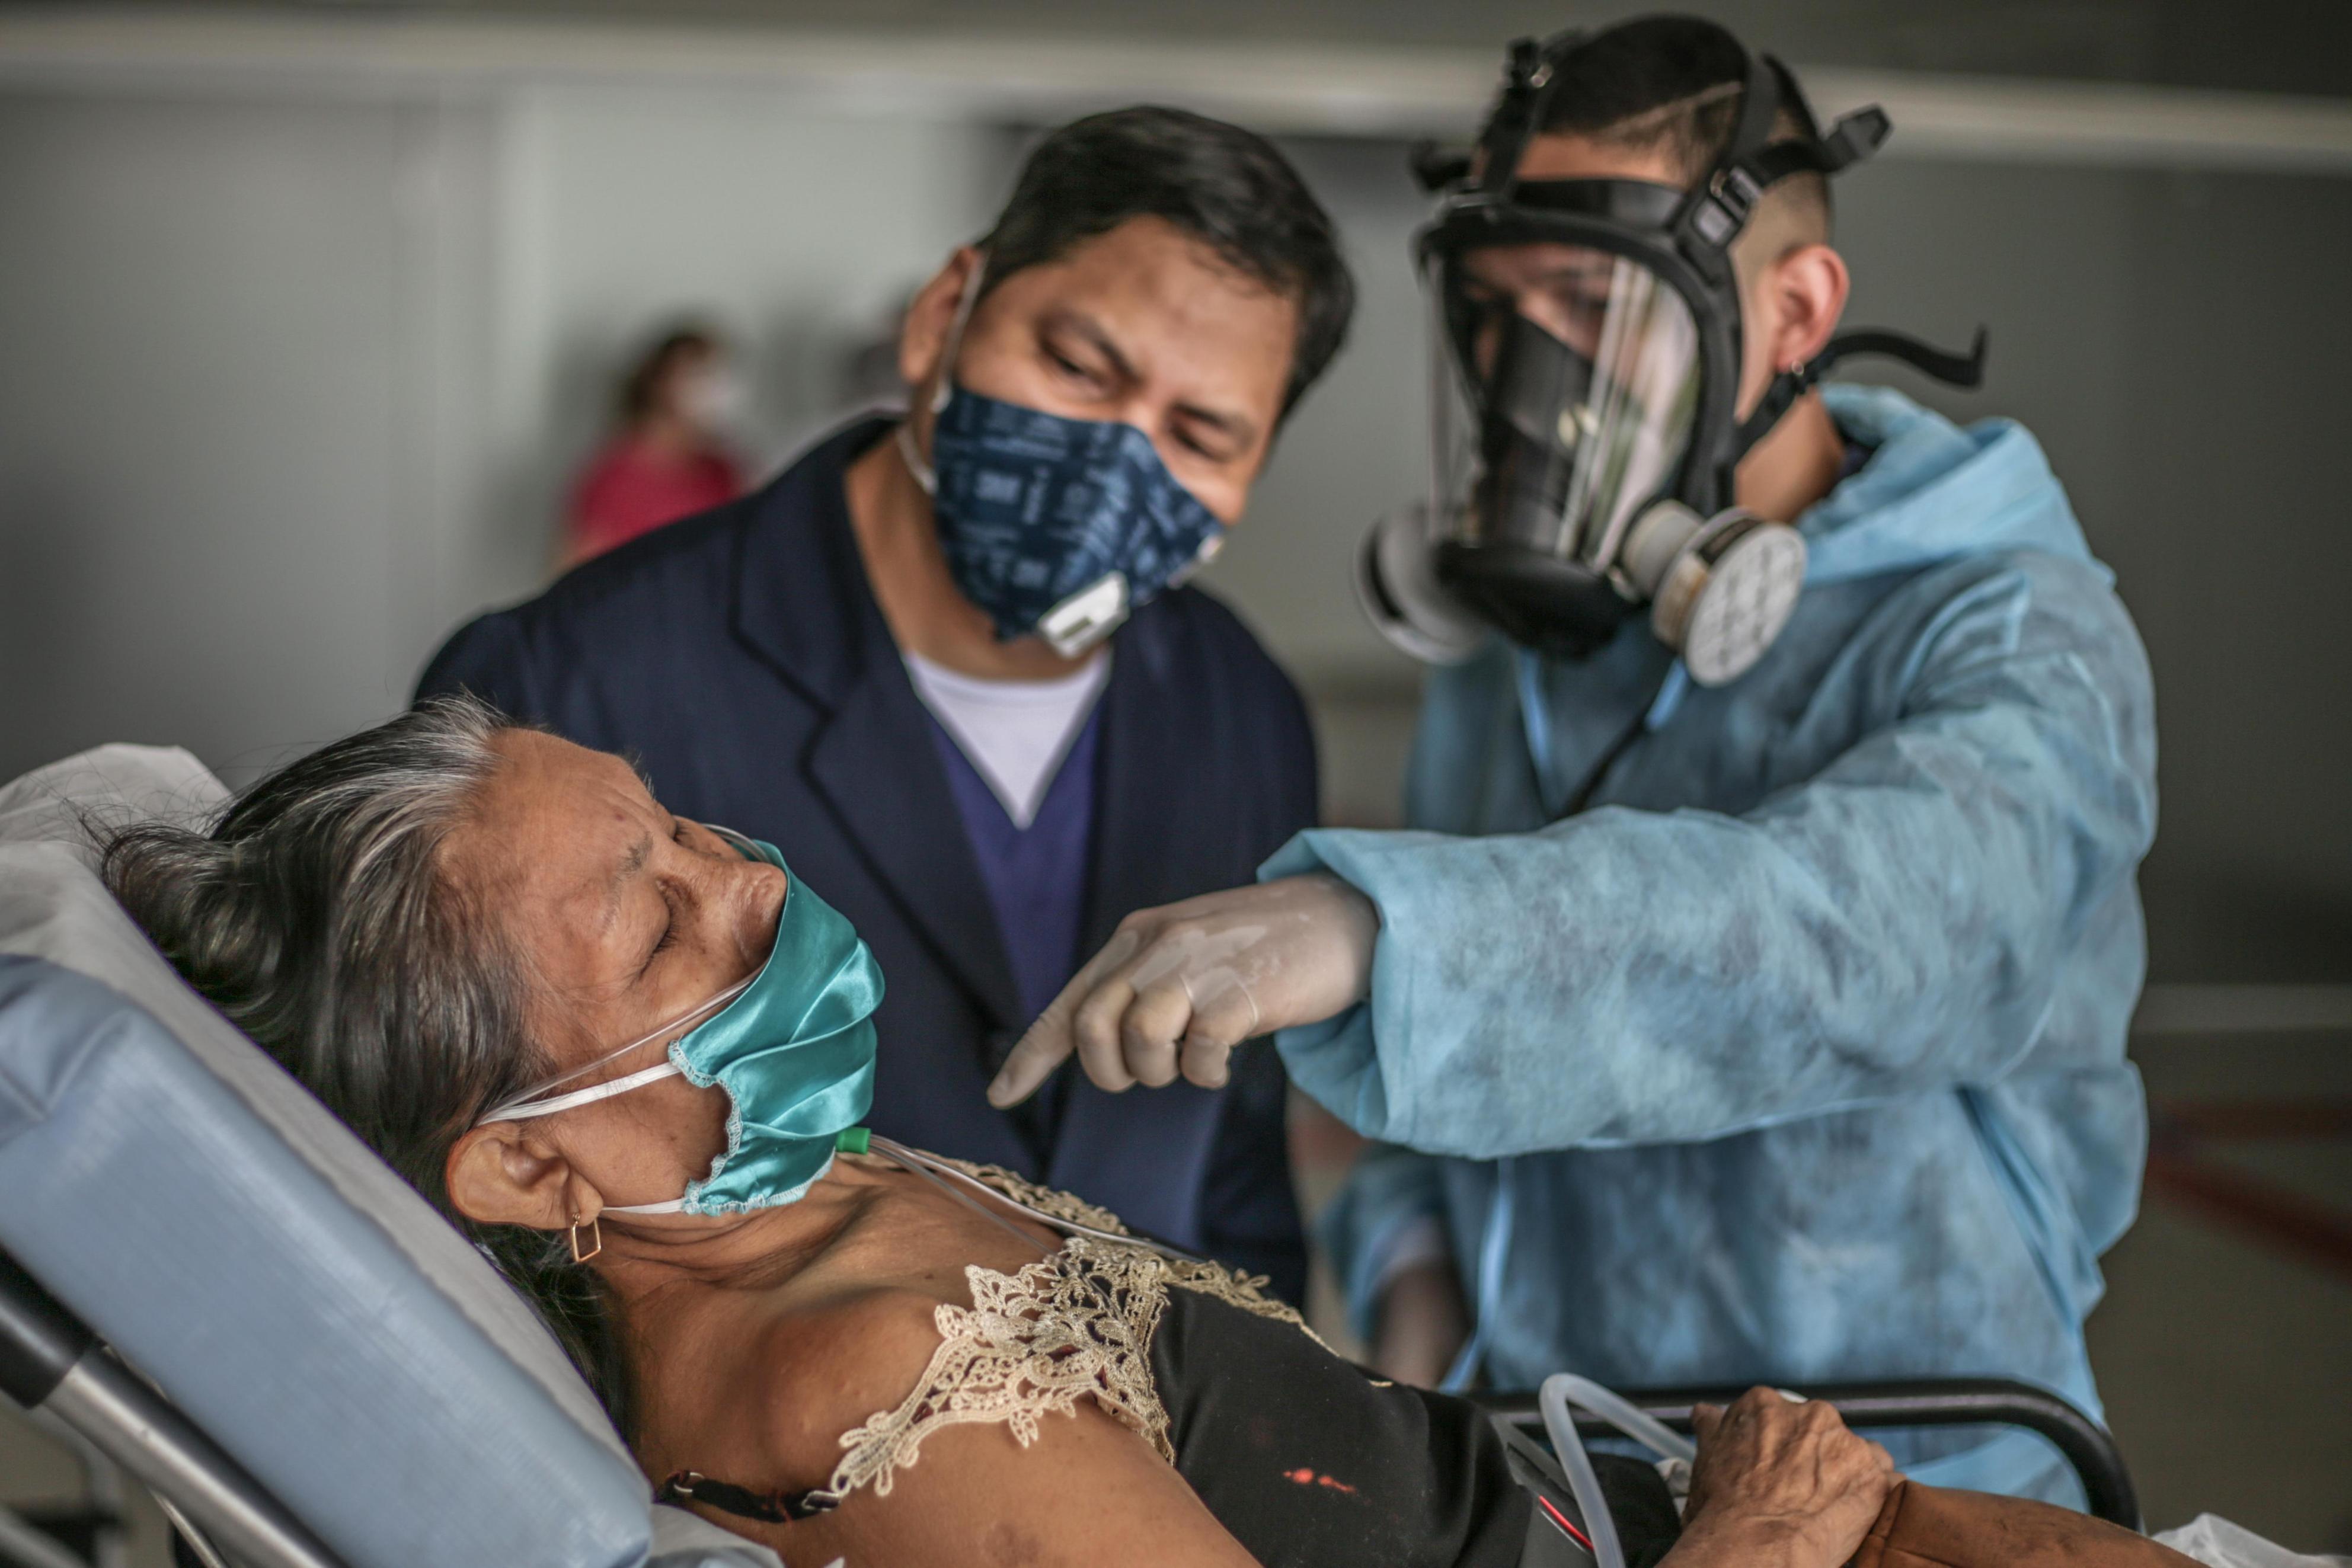 27日、ブラジル北部マナウスで、新型コロナウイルスに感染した女性(手前)を診察する医師と看護師(ゲッティ=共同)